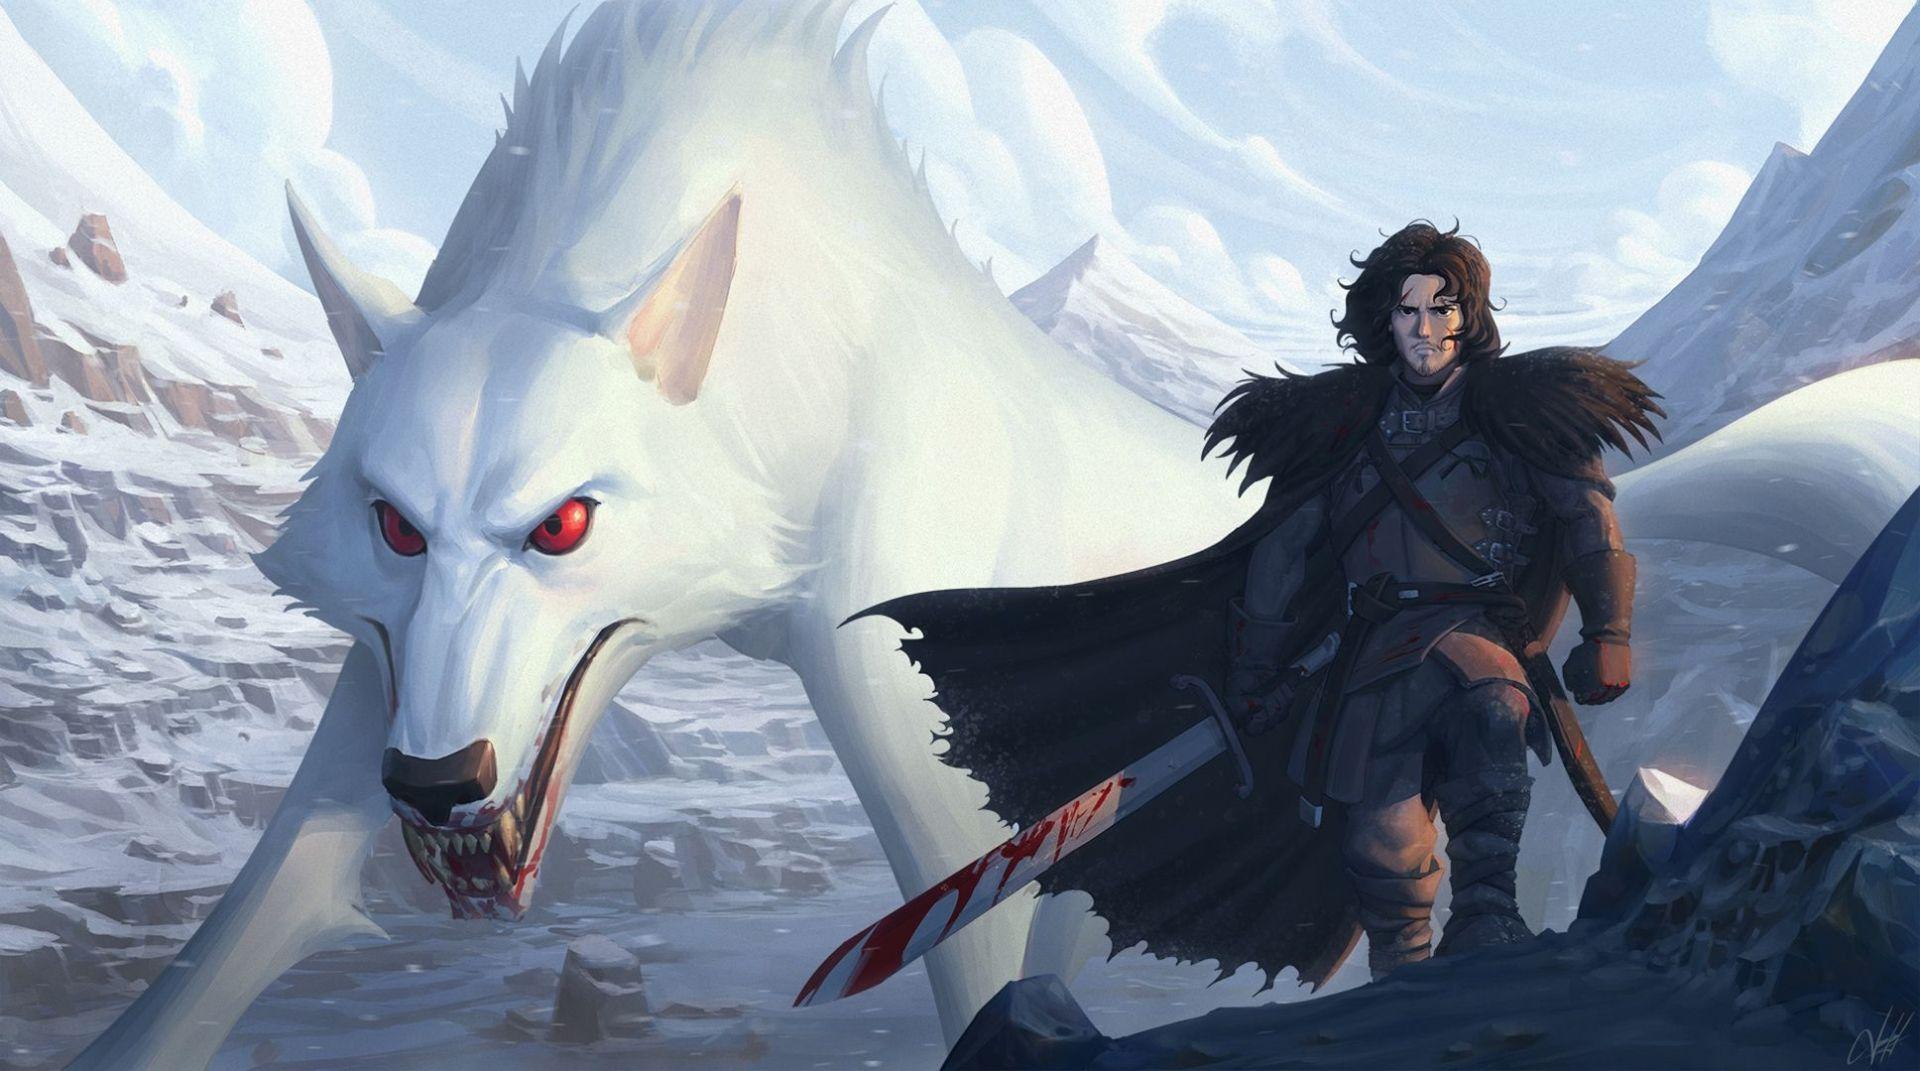 Jon Snow and wolf fan art